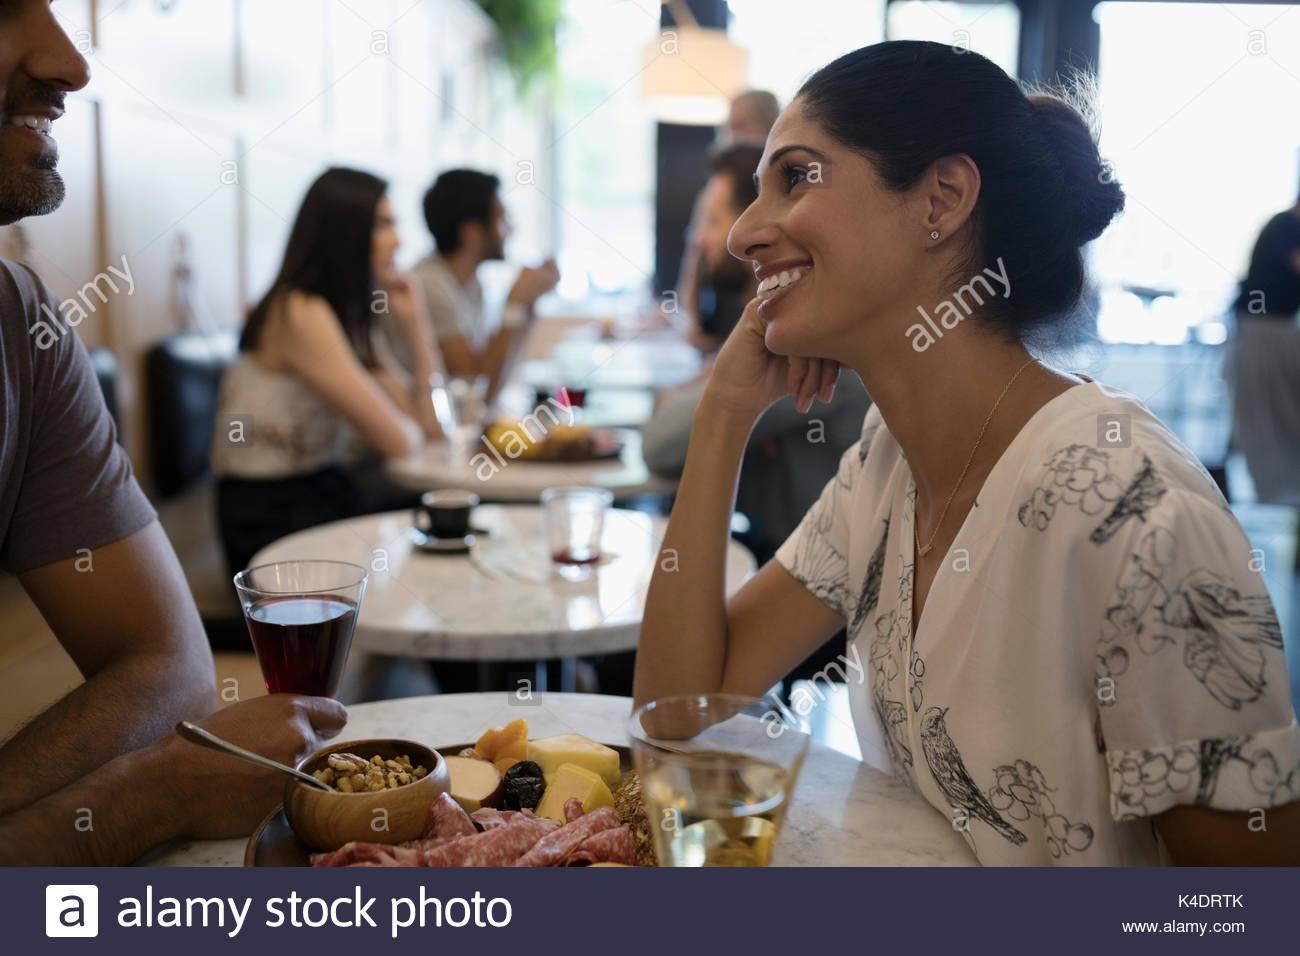 Mujer sonriente al novio, comiendo y bebiendo vino en la mesita de café Imagen De Stock